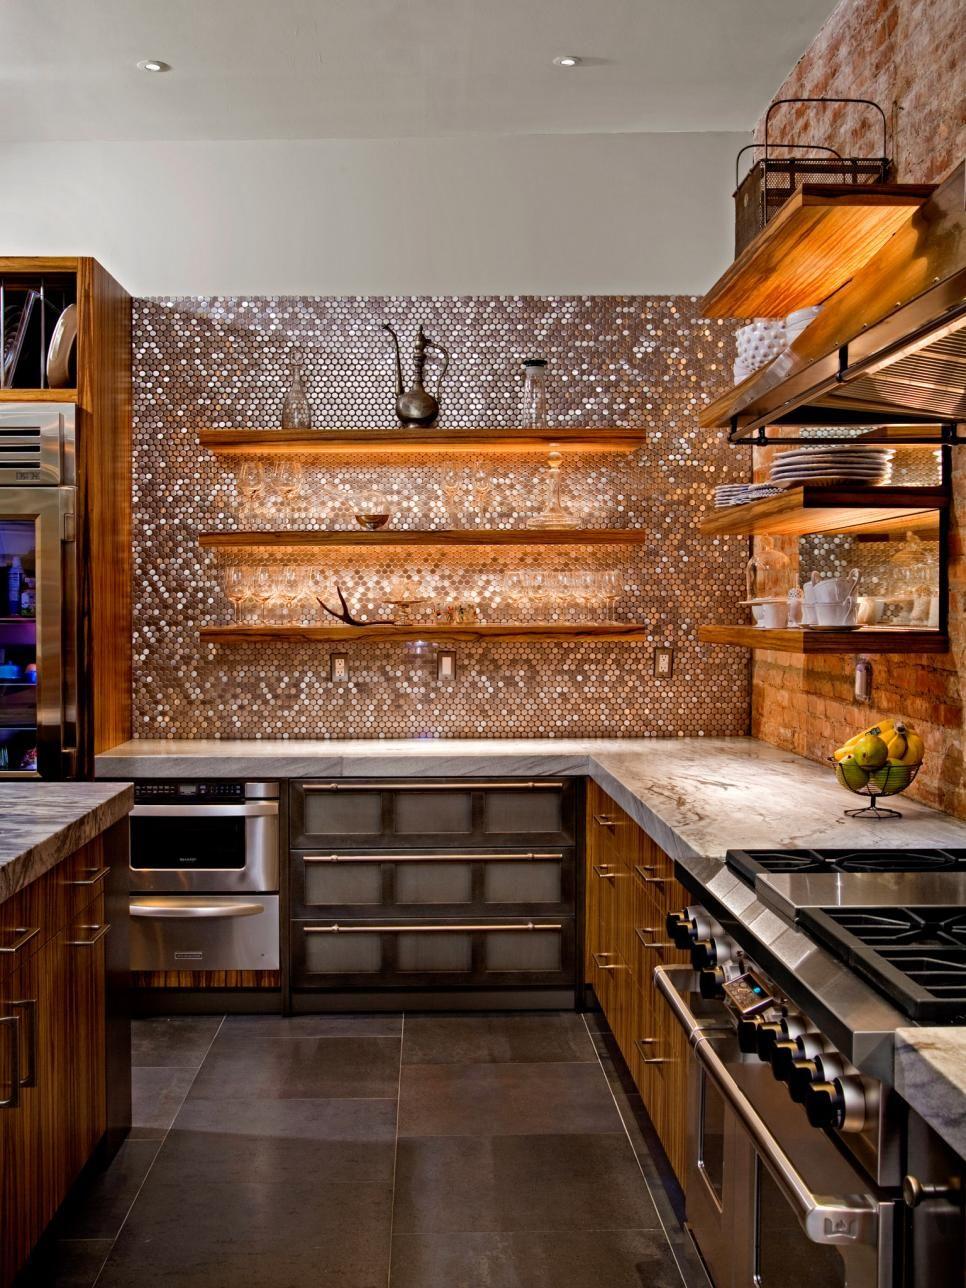 Uncategorized Penny Tile Kitchen Backsplash 15 creative kitchen backsplash ideas penny tile ideas